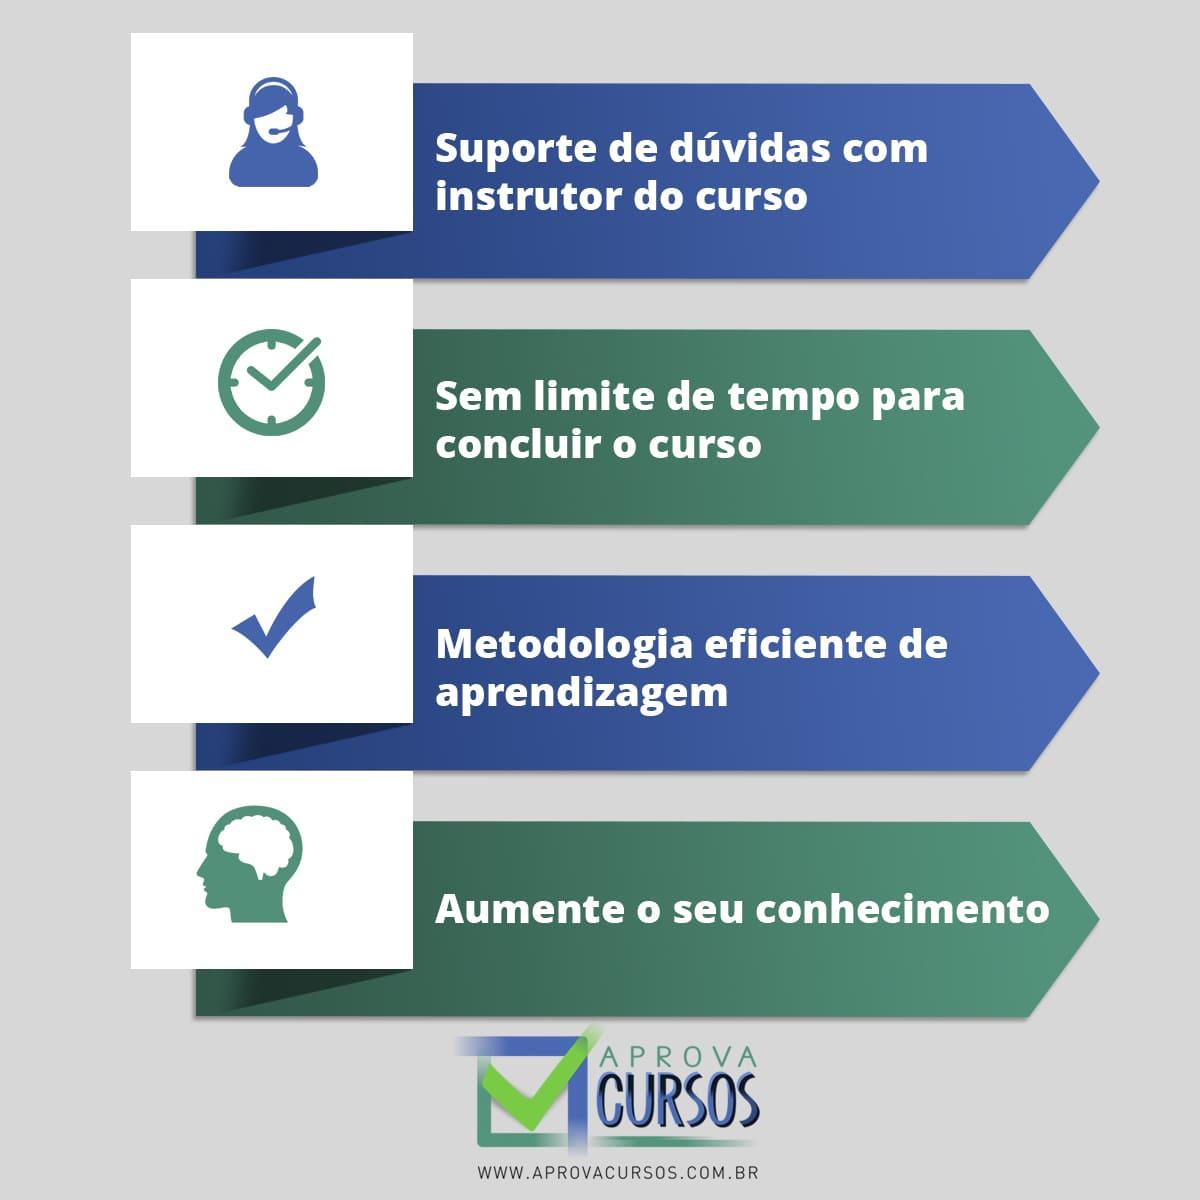 Curso Online de Manutenção de Notebook com Certificado  - Aprova Cursos